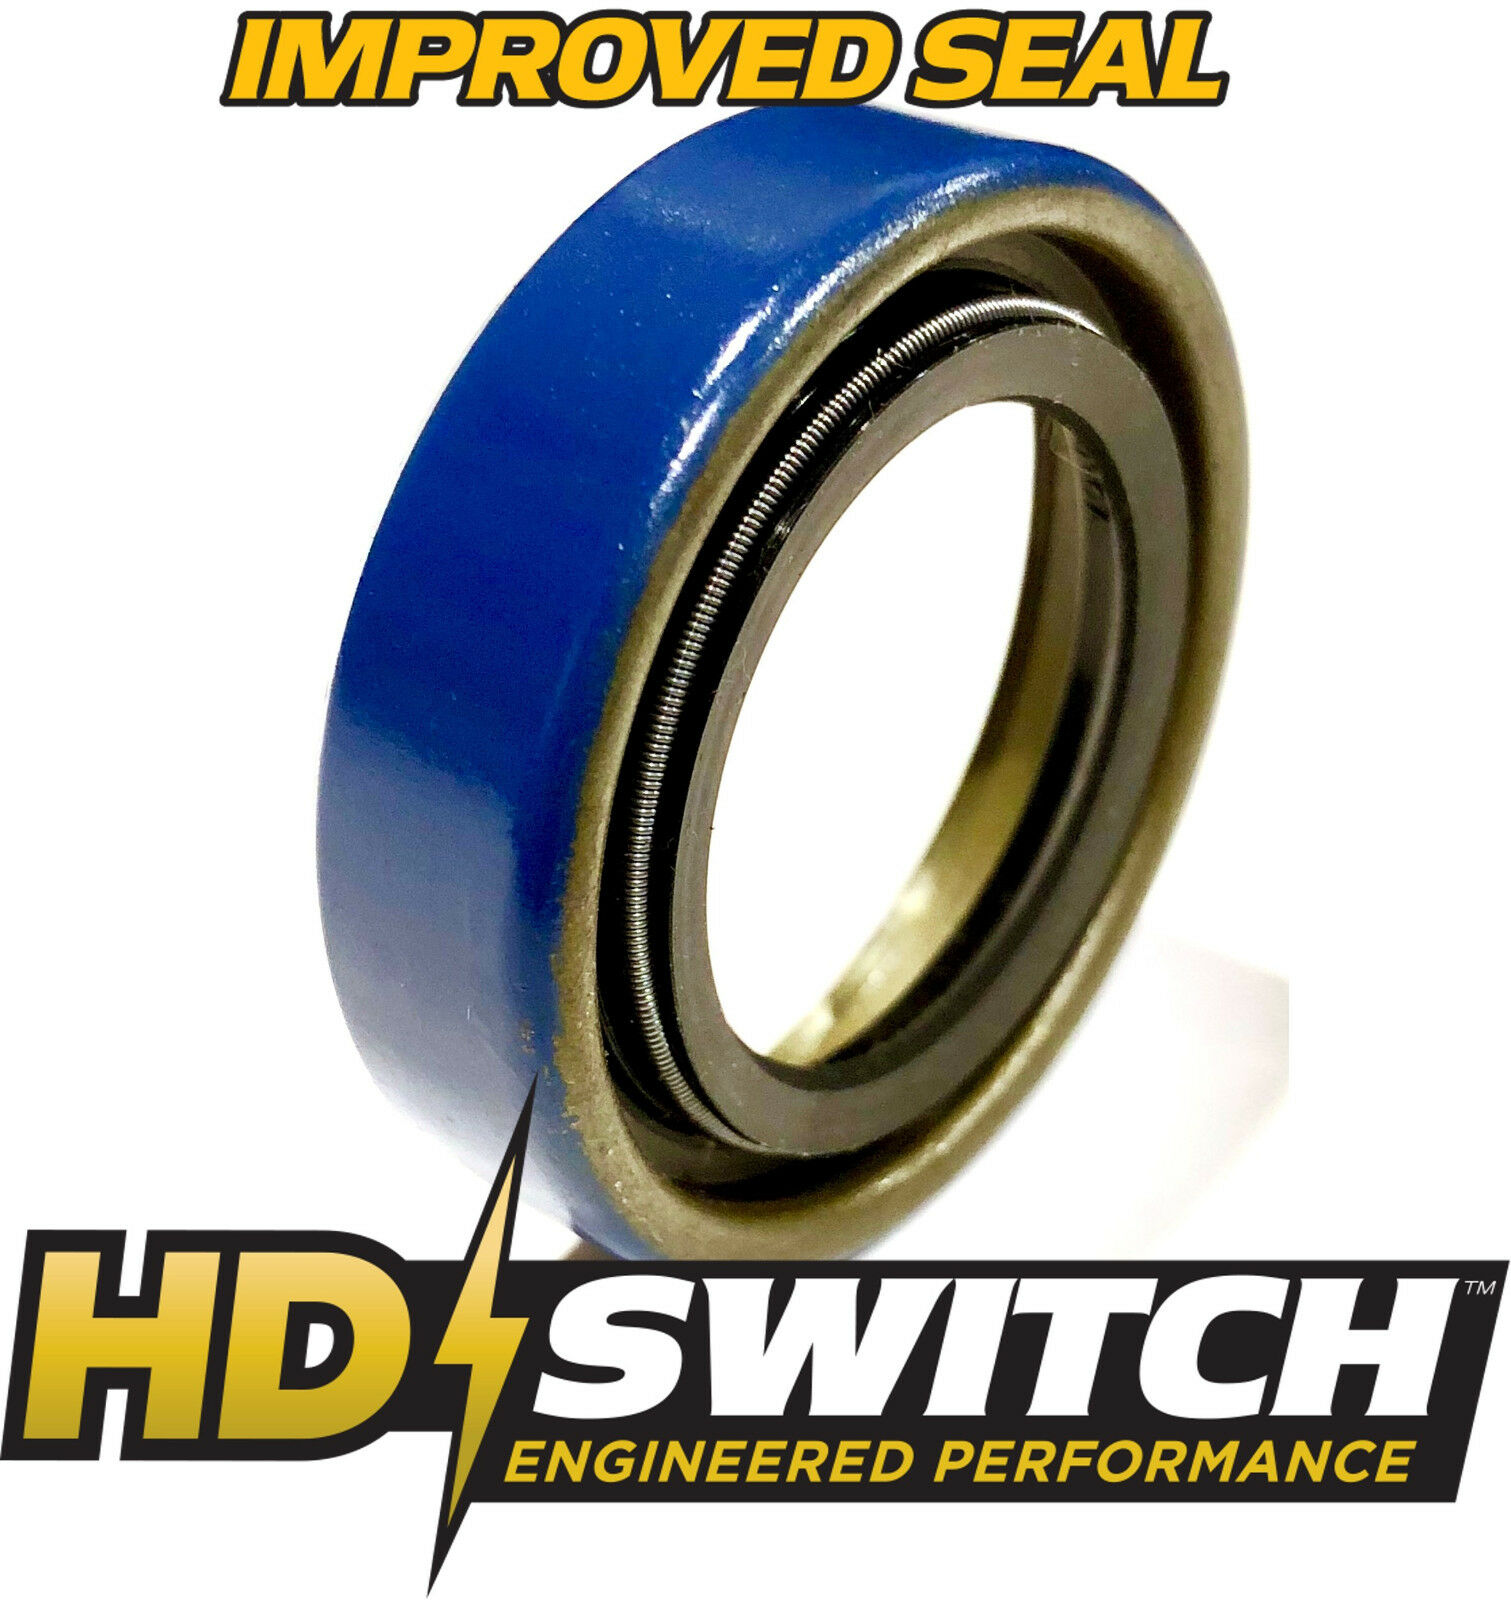 K3211-18090 HD Switch Front Wheel Bearing Rebuild Kit Replaces Kubota for K3211-18080 K3211-18230 2 Kits